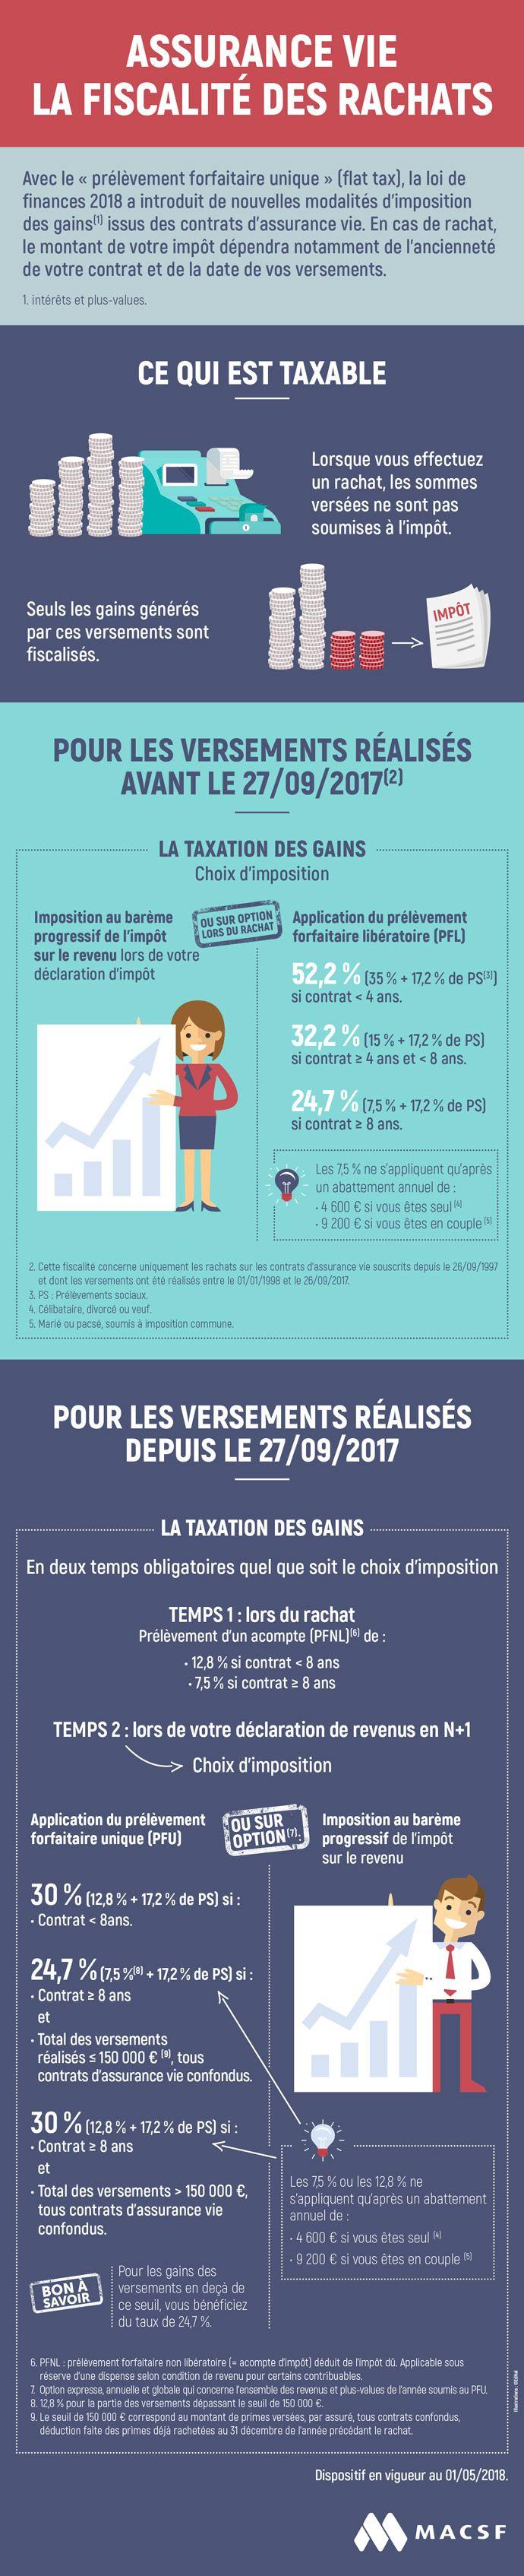 Infographie La fiscalité des rachats